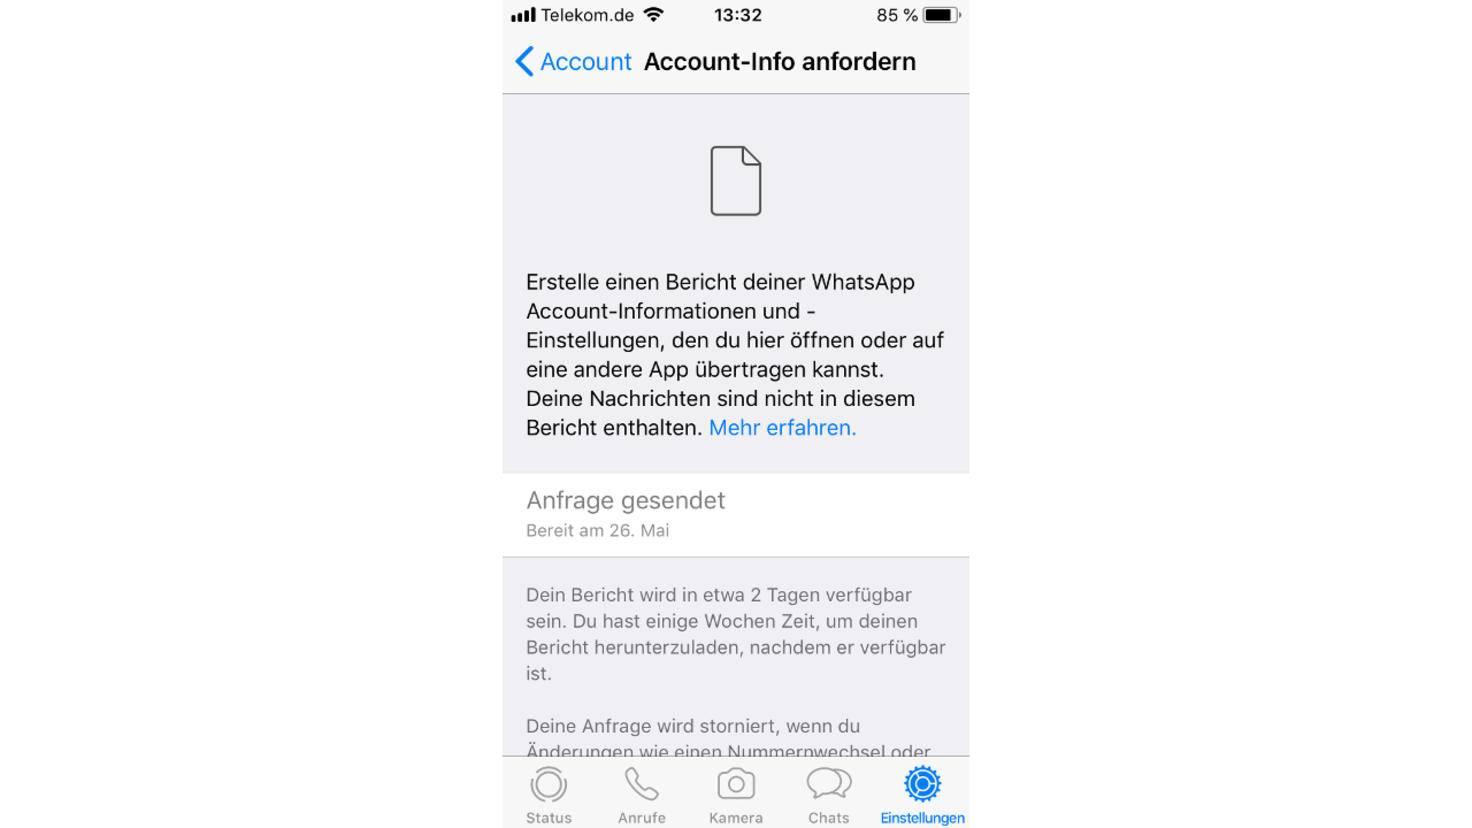 WhatsApp-Account-Info